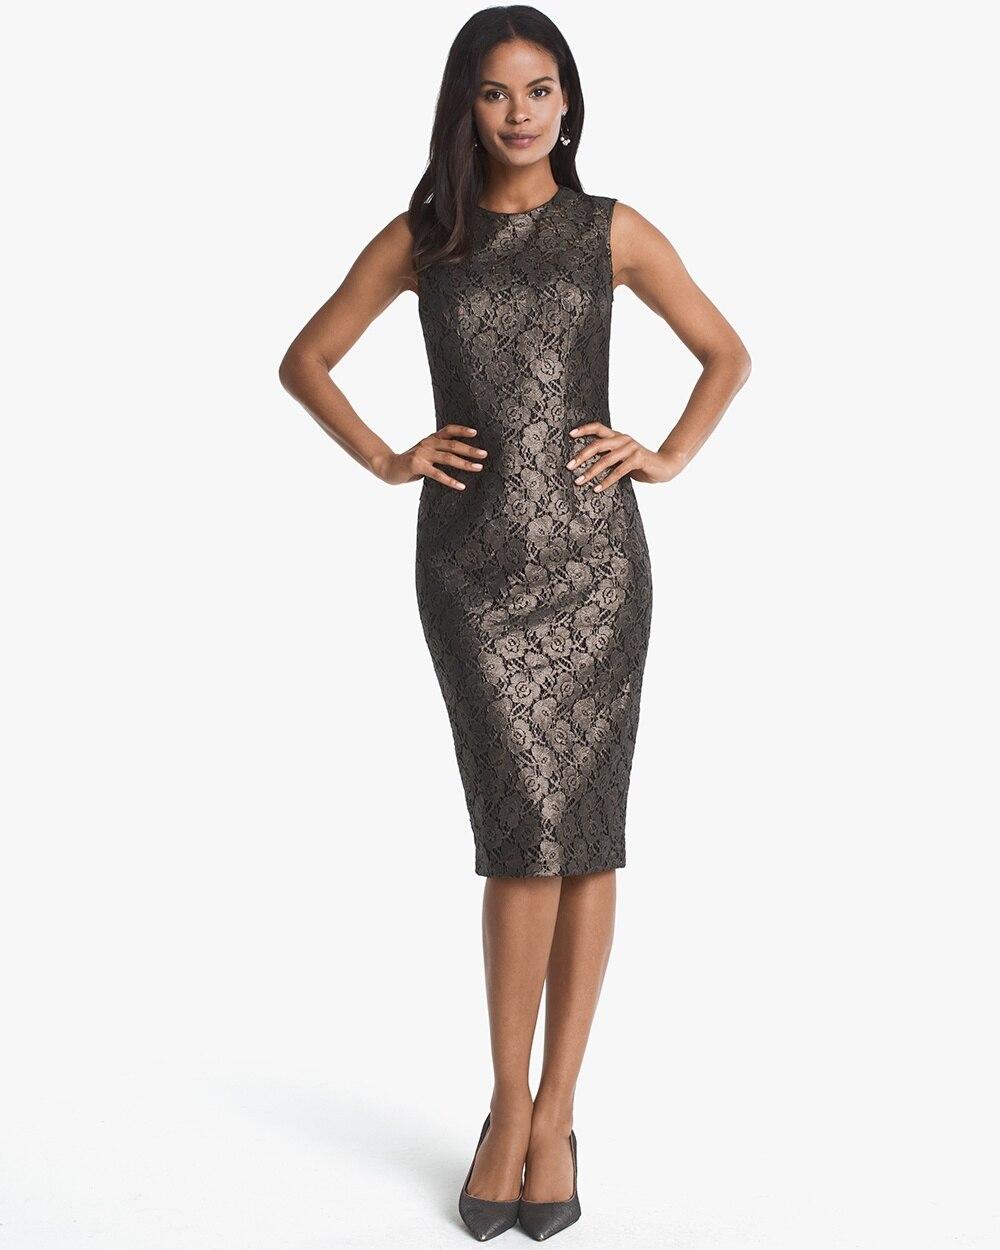 397efb98043 Sleeveless Lace Sheath Dress - White House Black Market